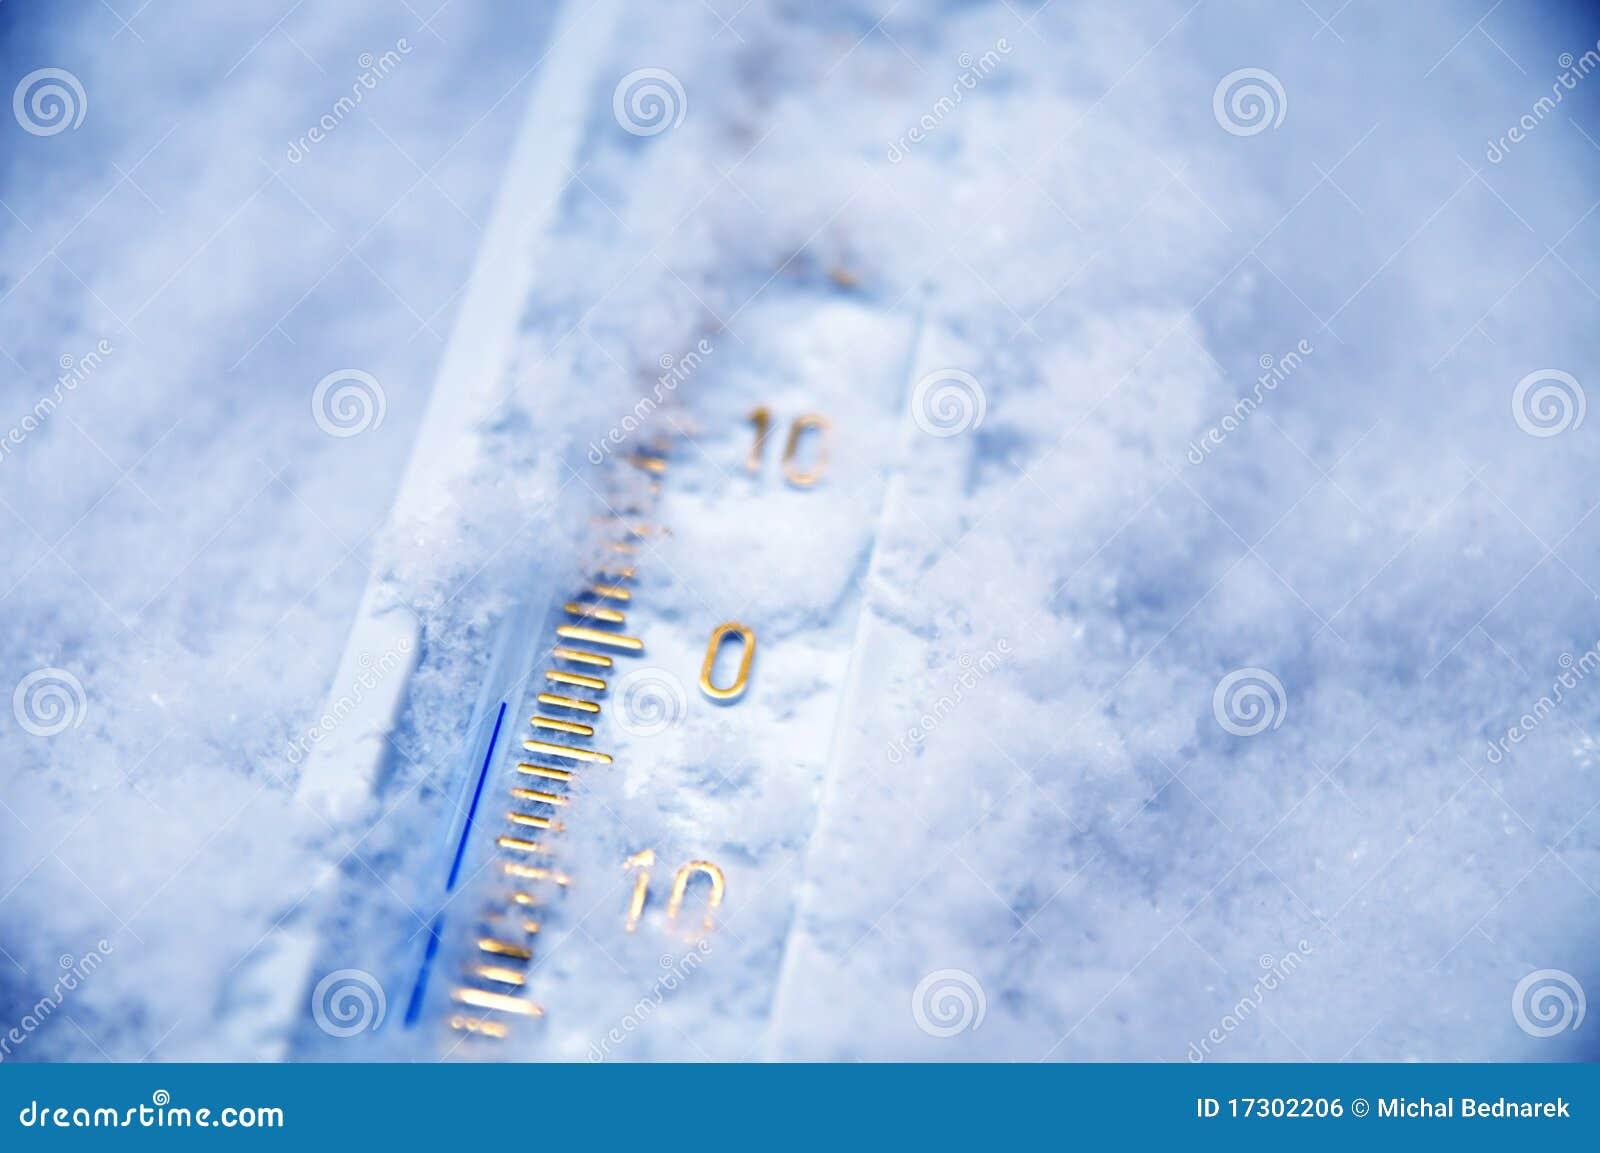 Abaixo de zero no termômetro